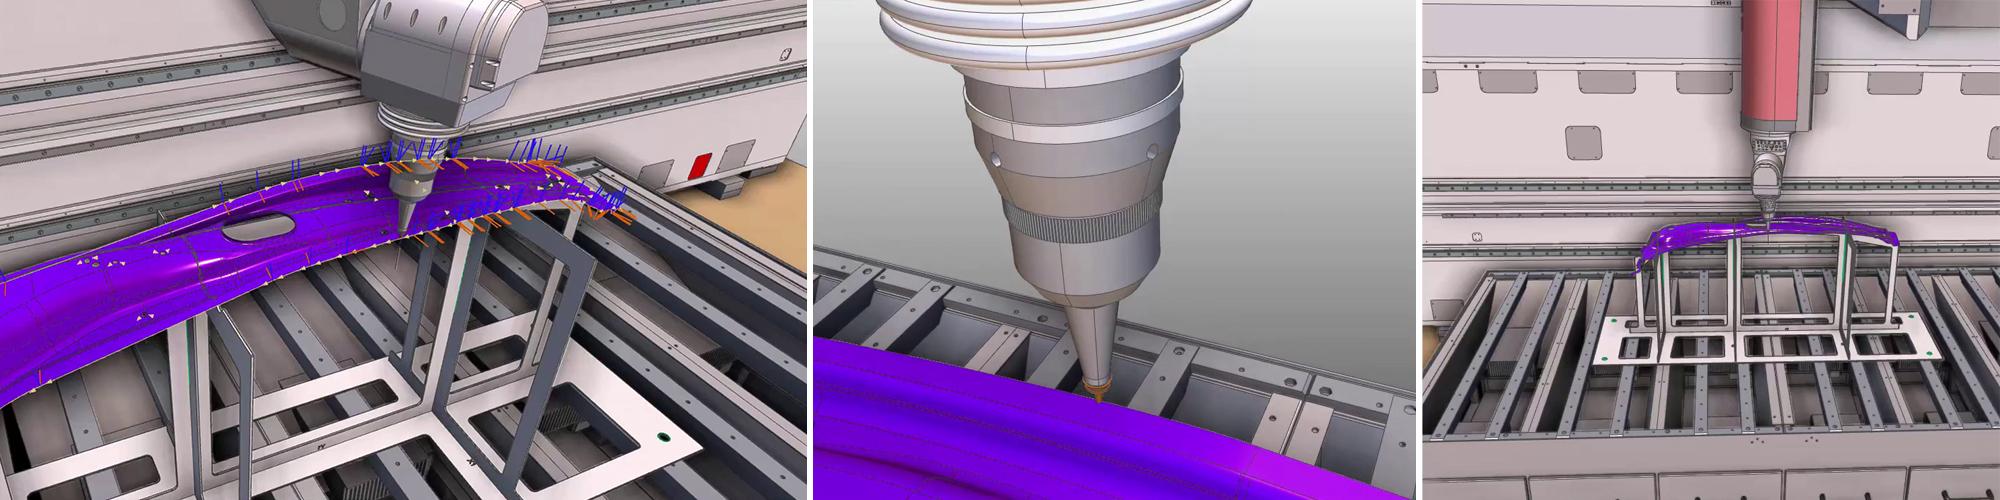 新松机器人自动化有限公司于2021年正式推出FLC系列三维五轴激光切割机